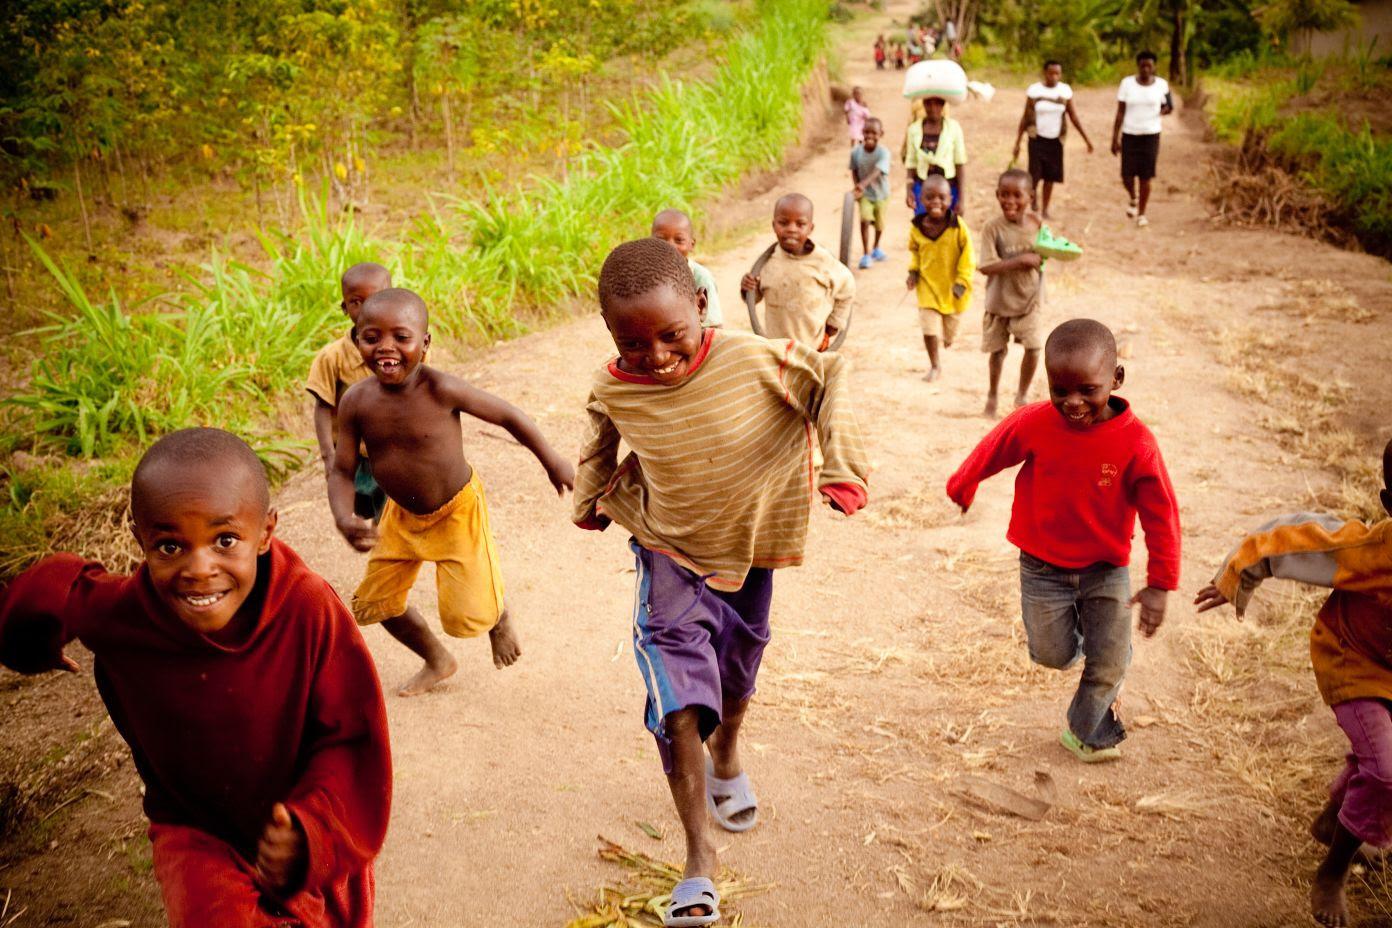 Αποτέλεσμα εικόνας για rwanda kid